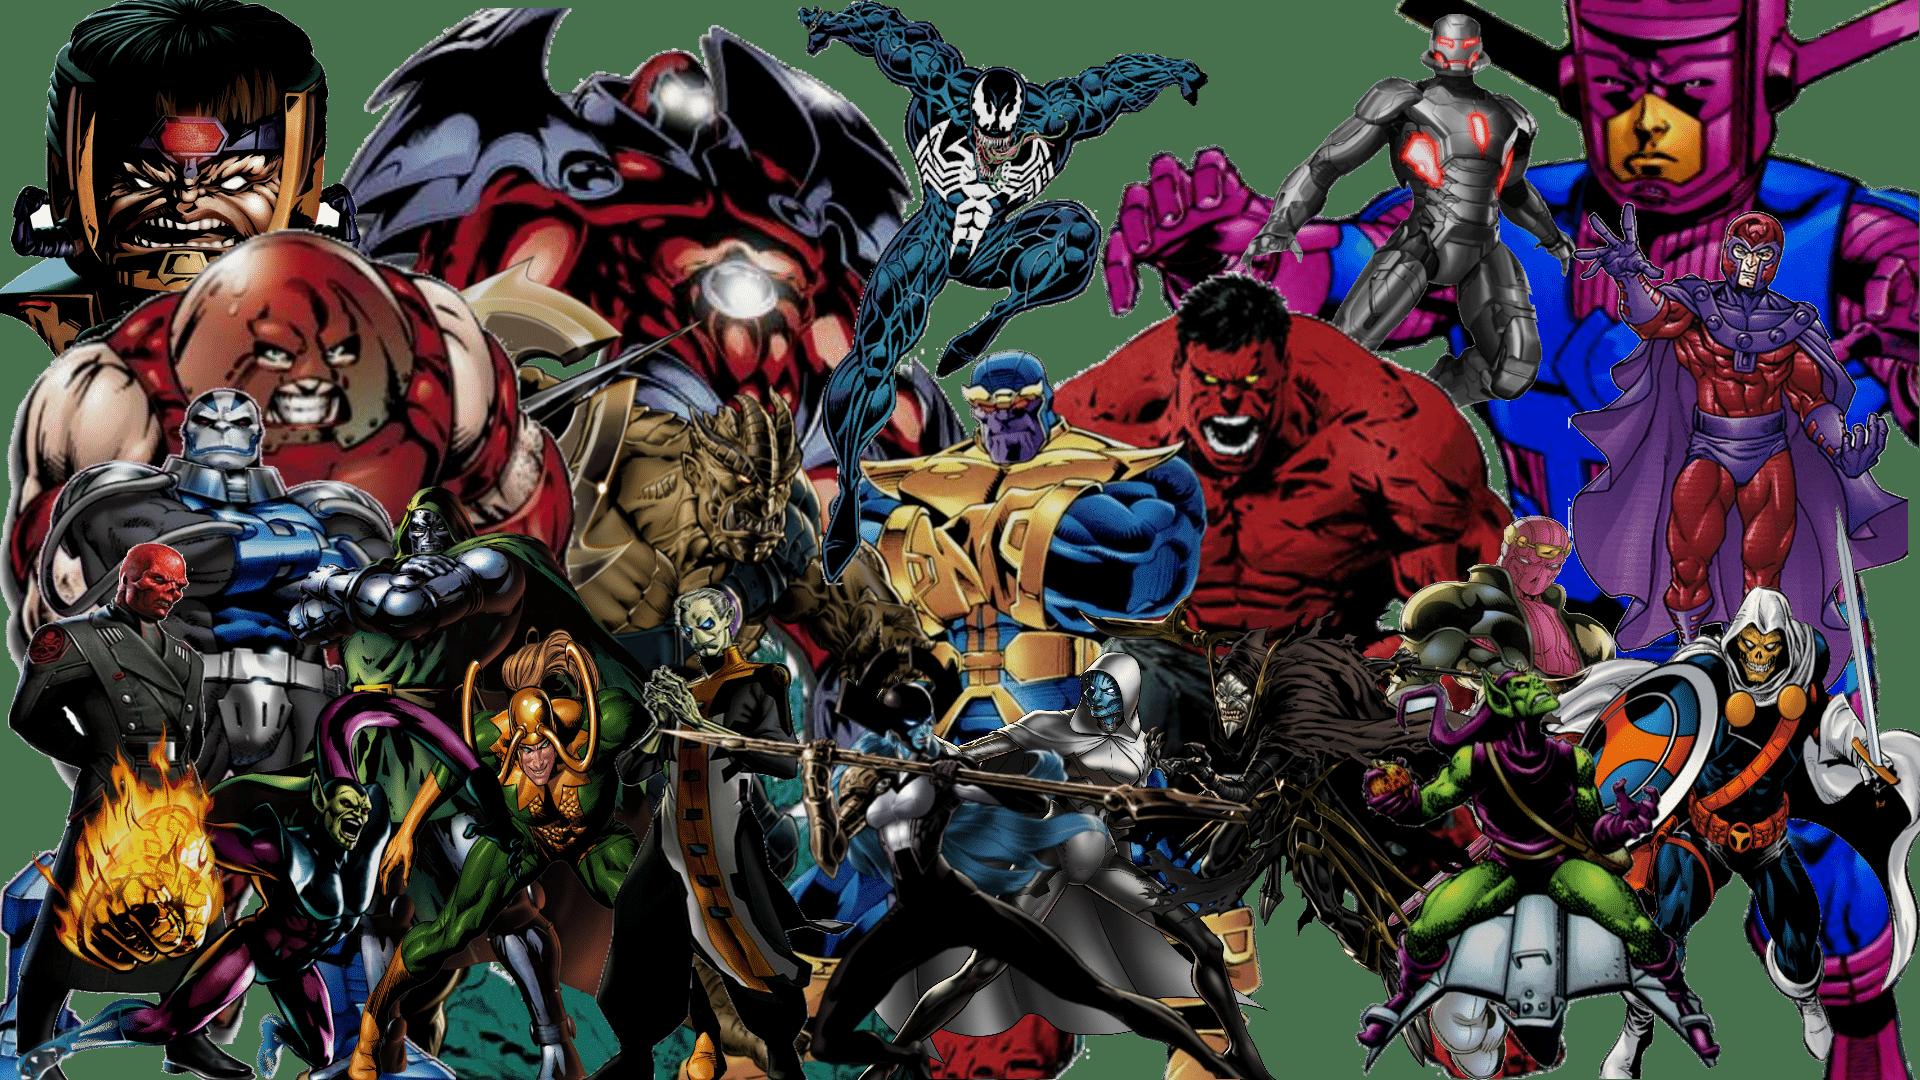 Os 10 Maiores Inimigos e Vilões dos Vingadores